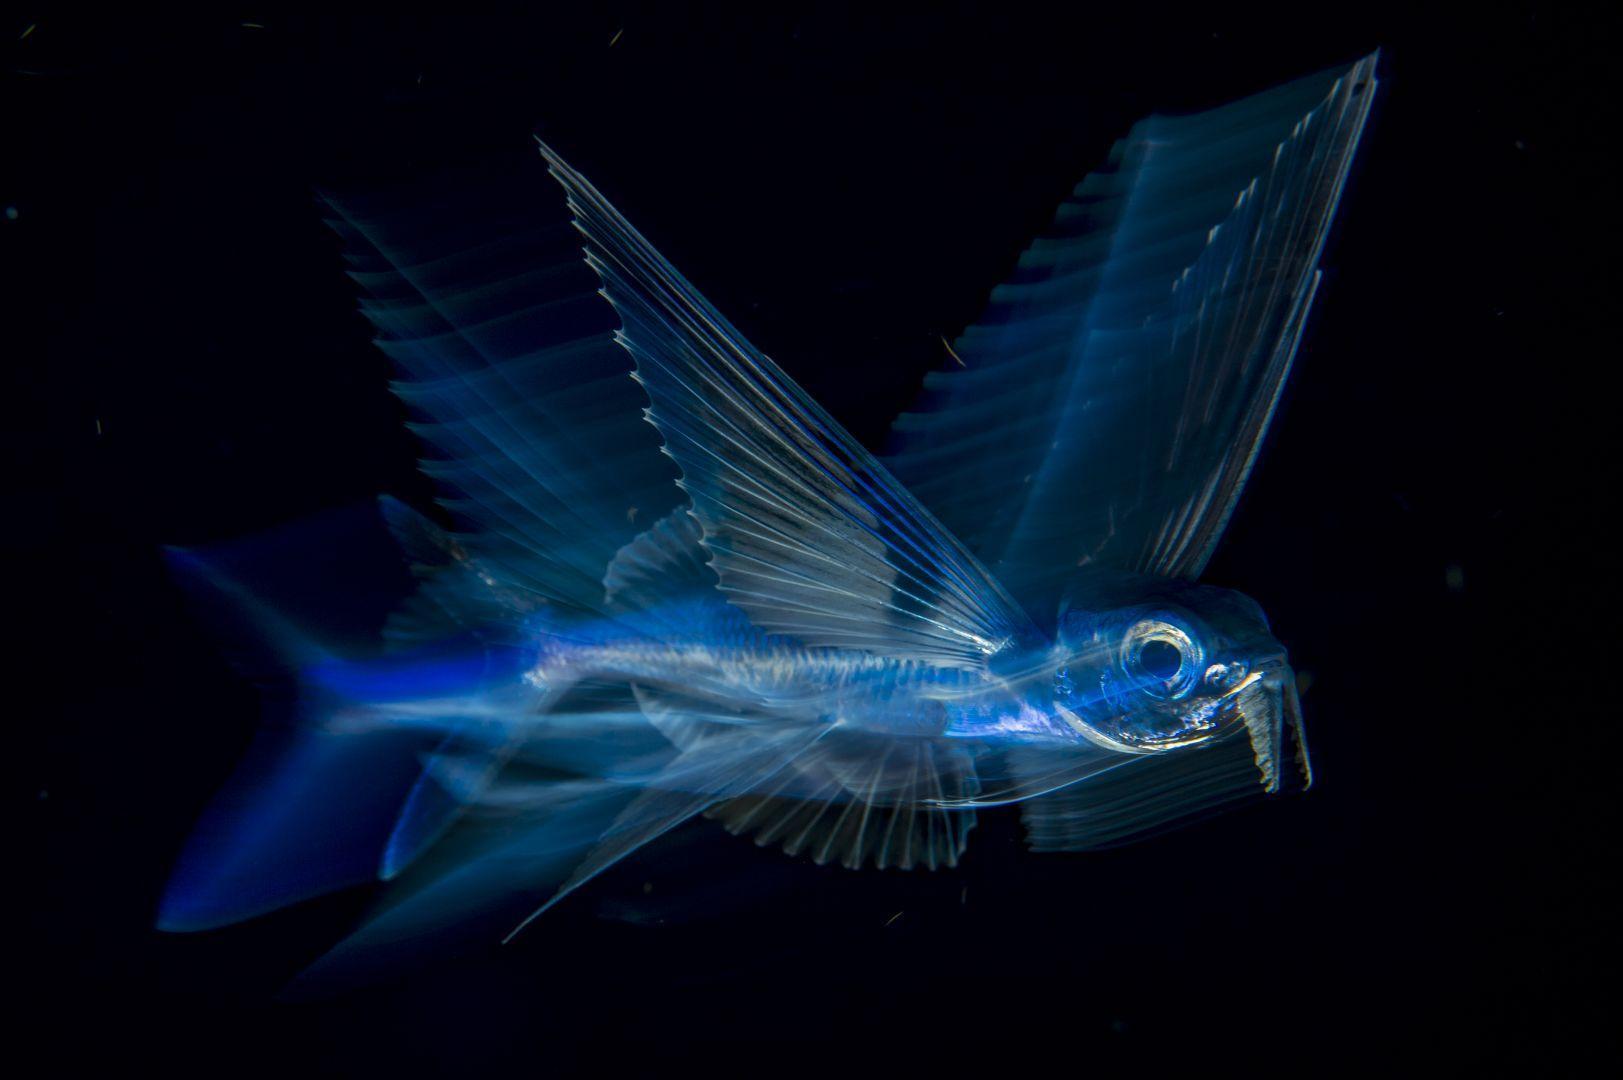 Летающая рыба в движении, © Майкл Патрик О'Нил, США, 3-й приз : одиночный кадр, Фотоконкурс World Press Photo